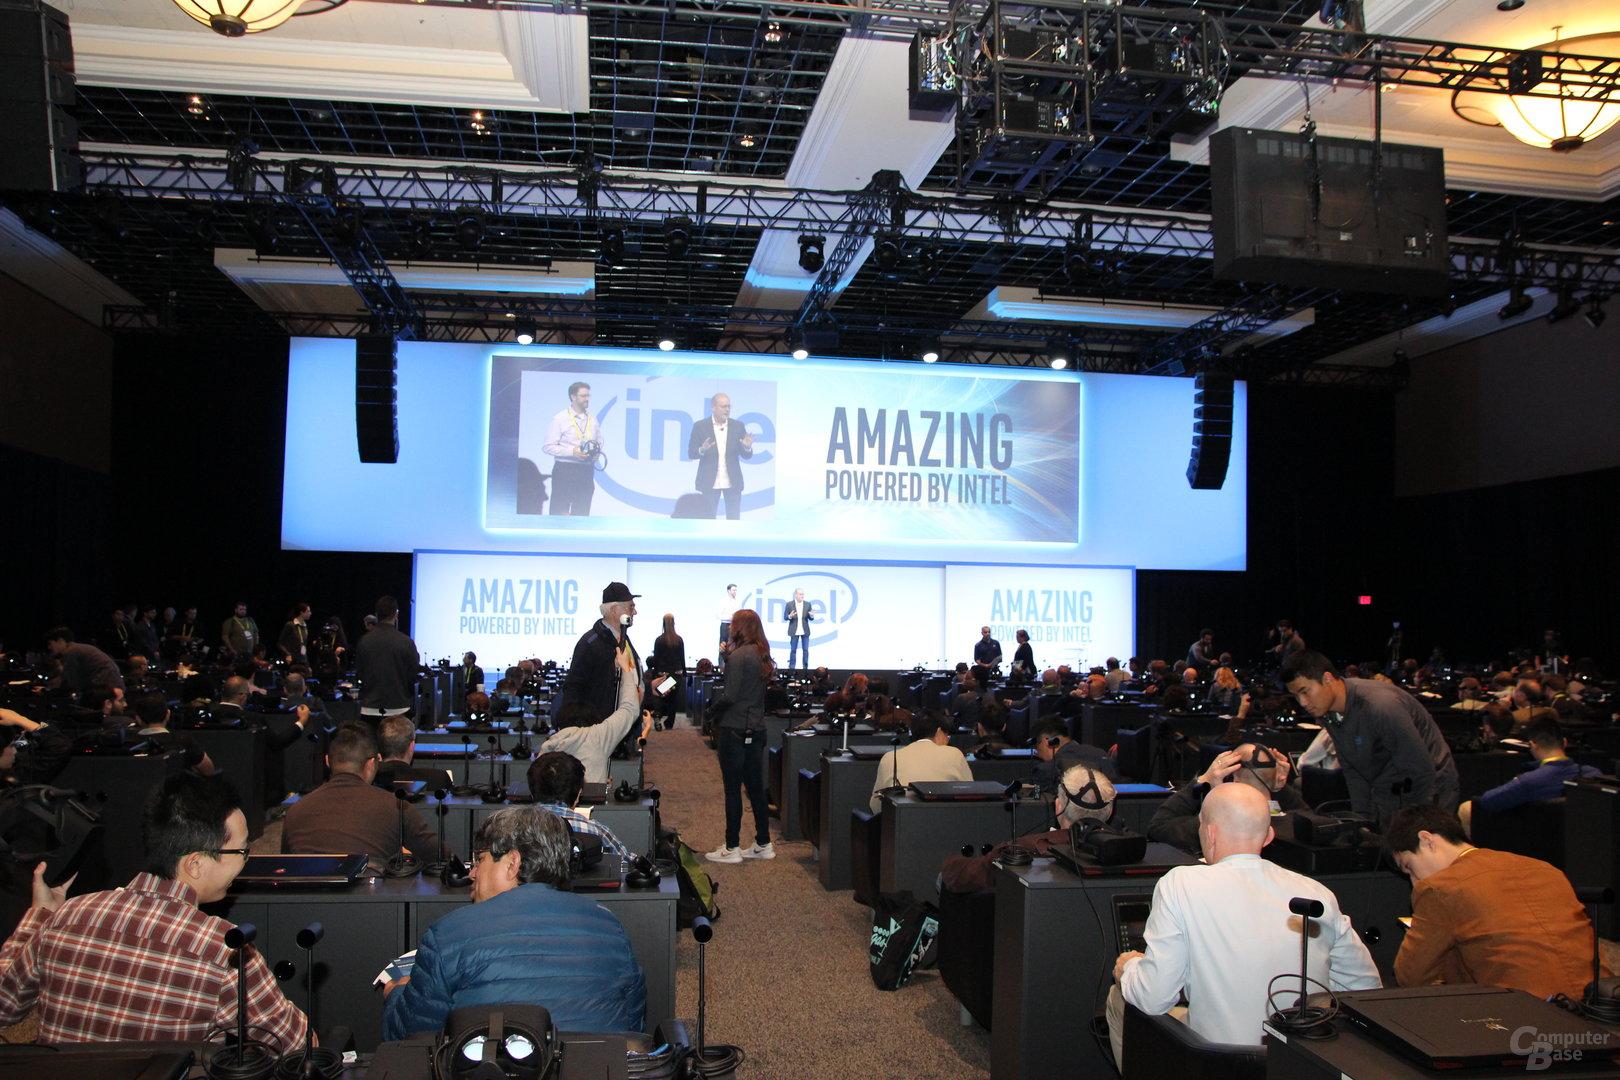 260 Pressekonferenz-Plätze mit VR